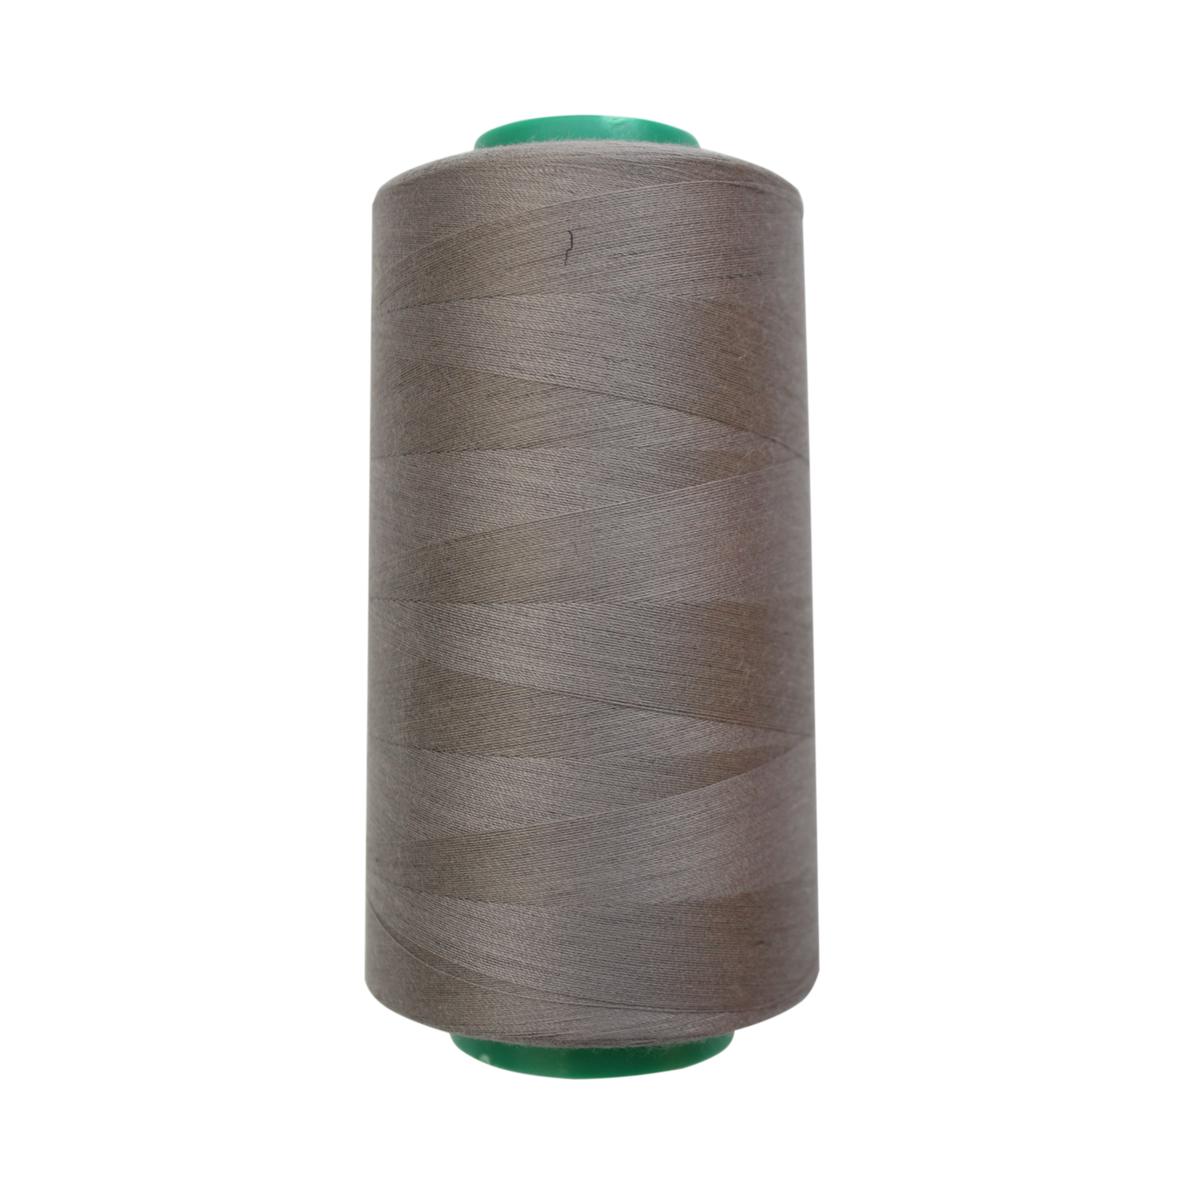 Нитки для шитья Bestex 50/2, 5000 ярд, цвет: т.т.серо-метал. (185)7700936-185Сфера использования: трикотаж; ткани малого веса; оверлочные швы; отделка краев; вышивка. Размер игл №70-80